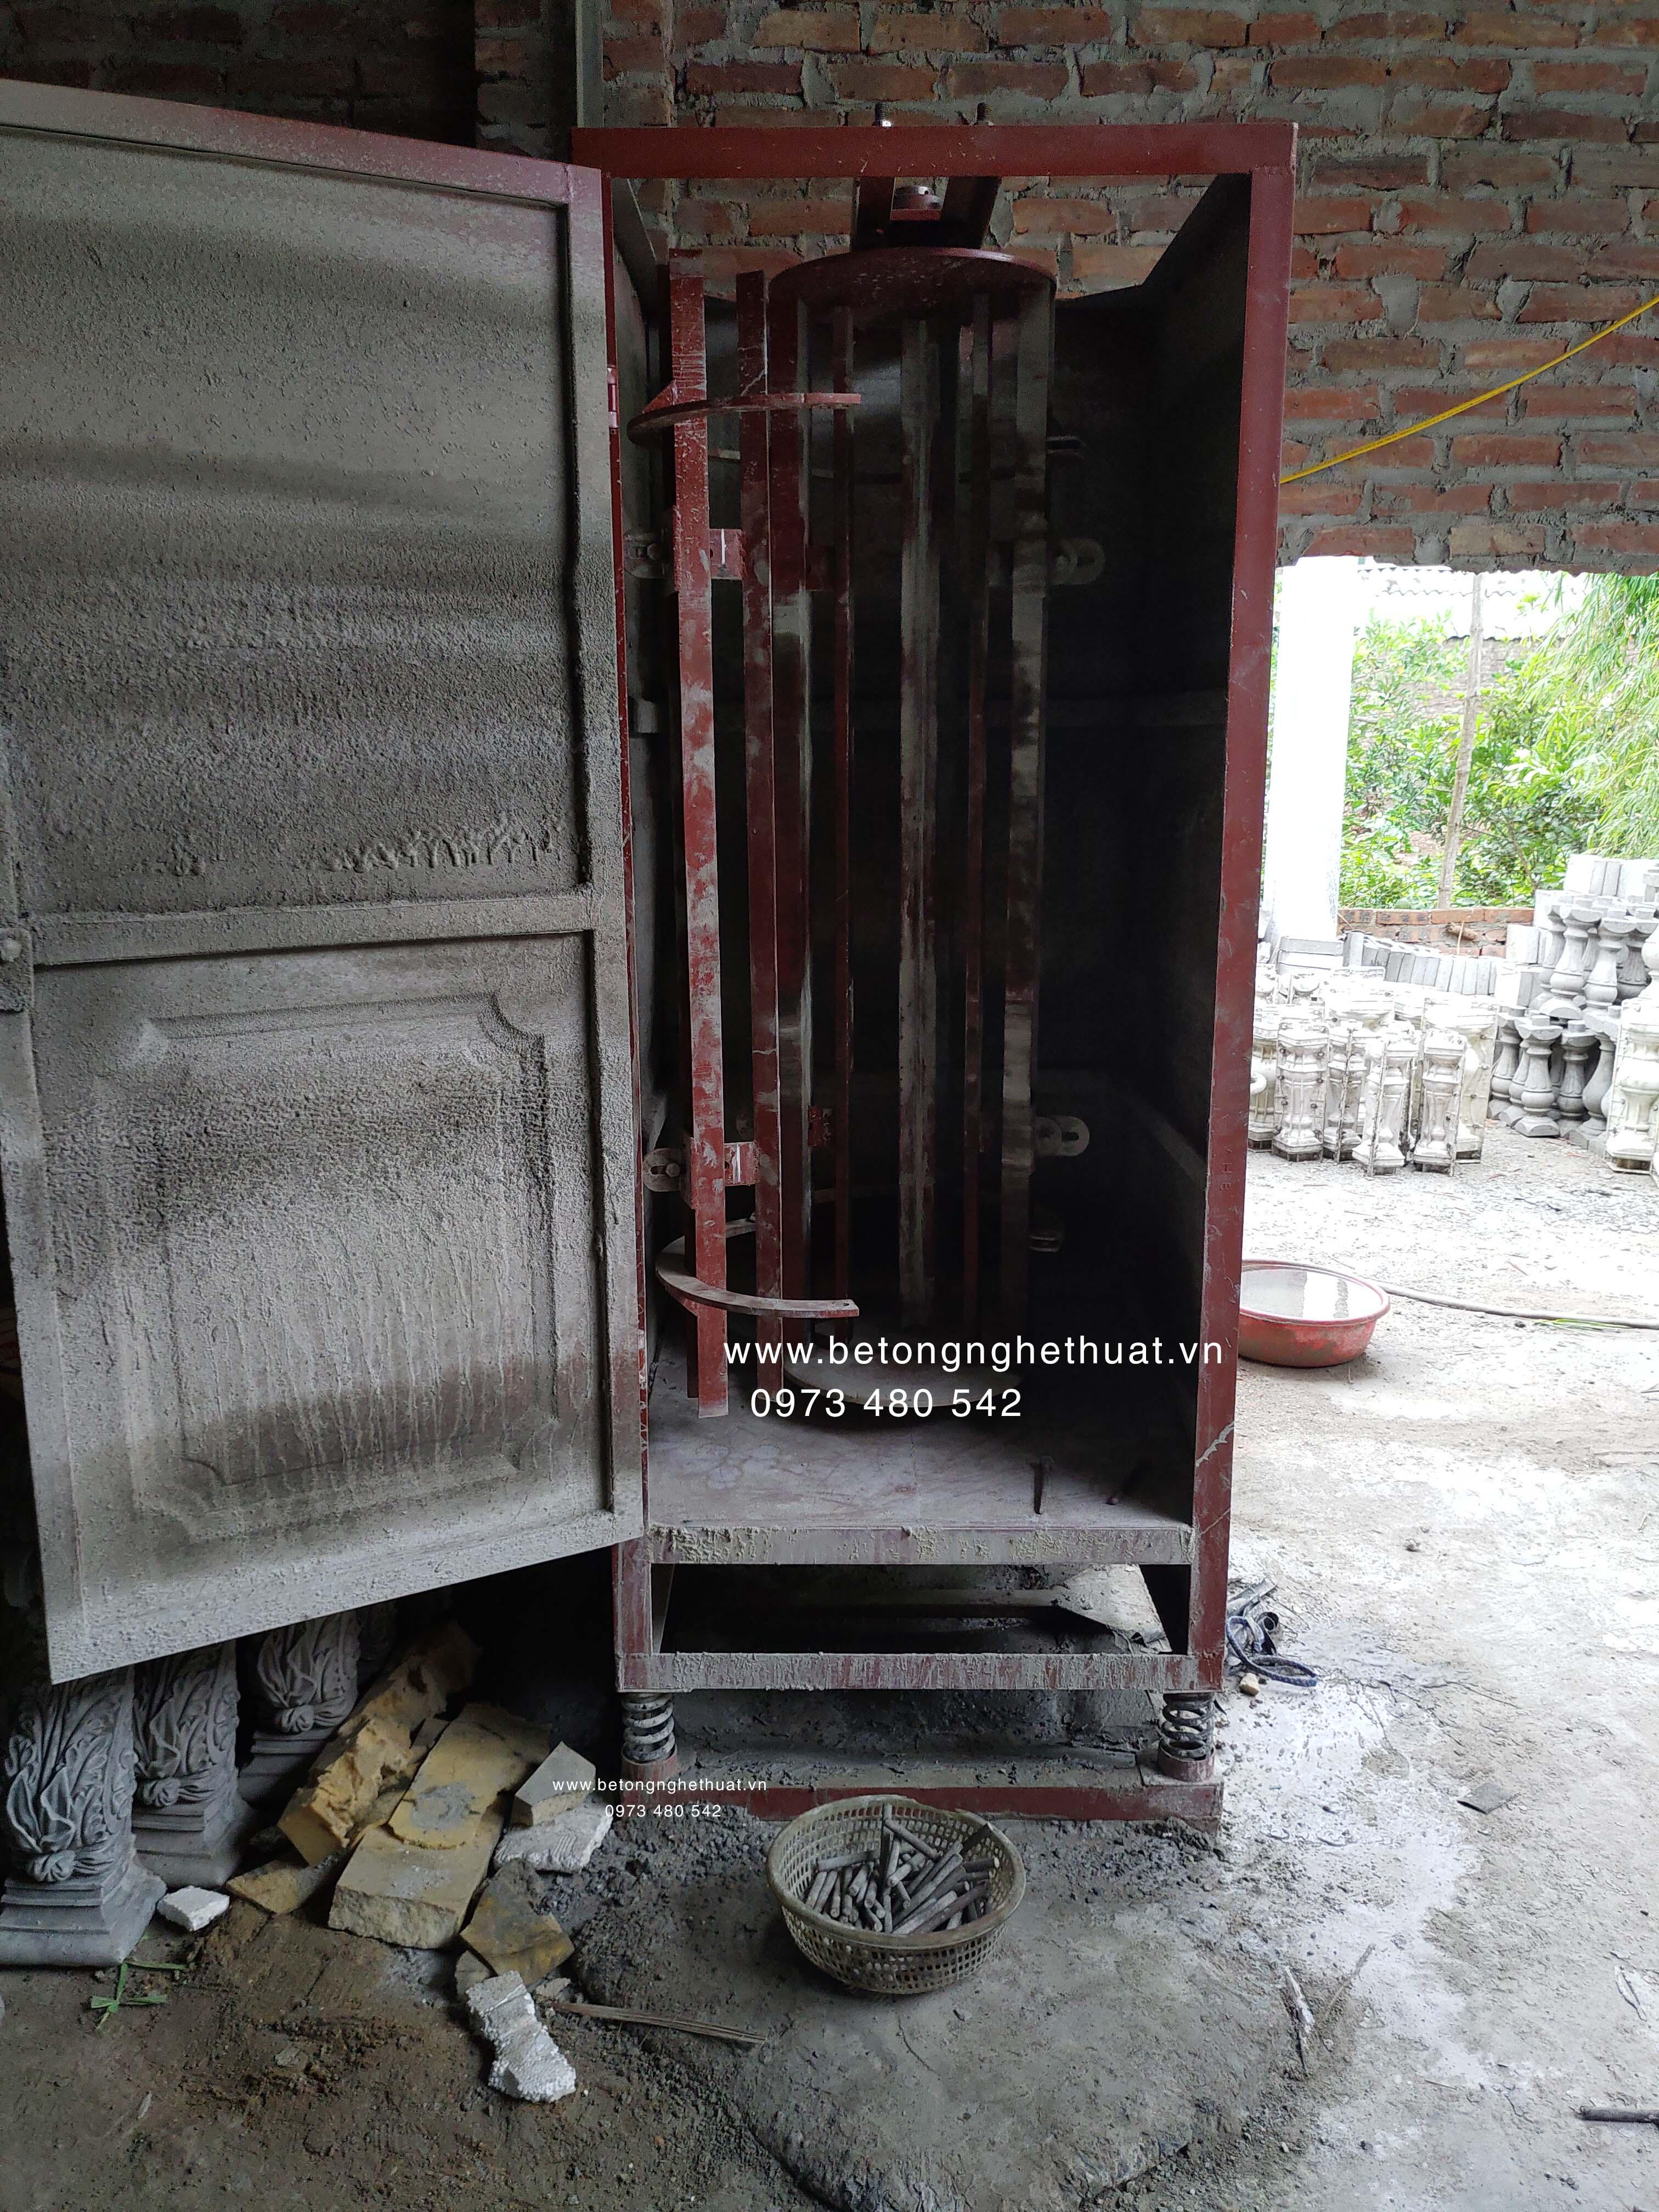 Sản xuất con tiện bê tông ly tâm